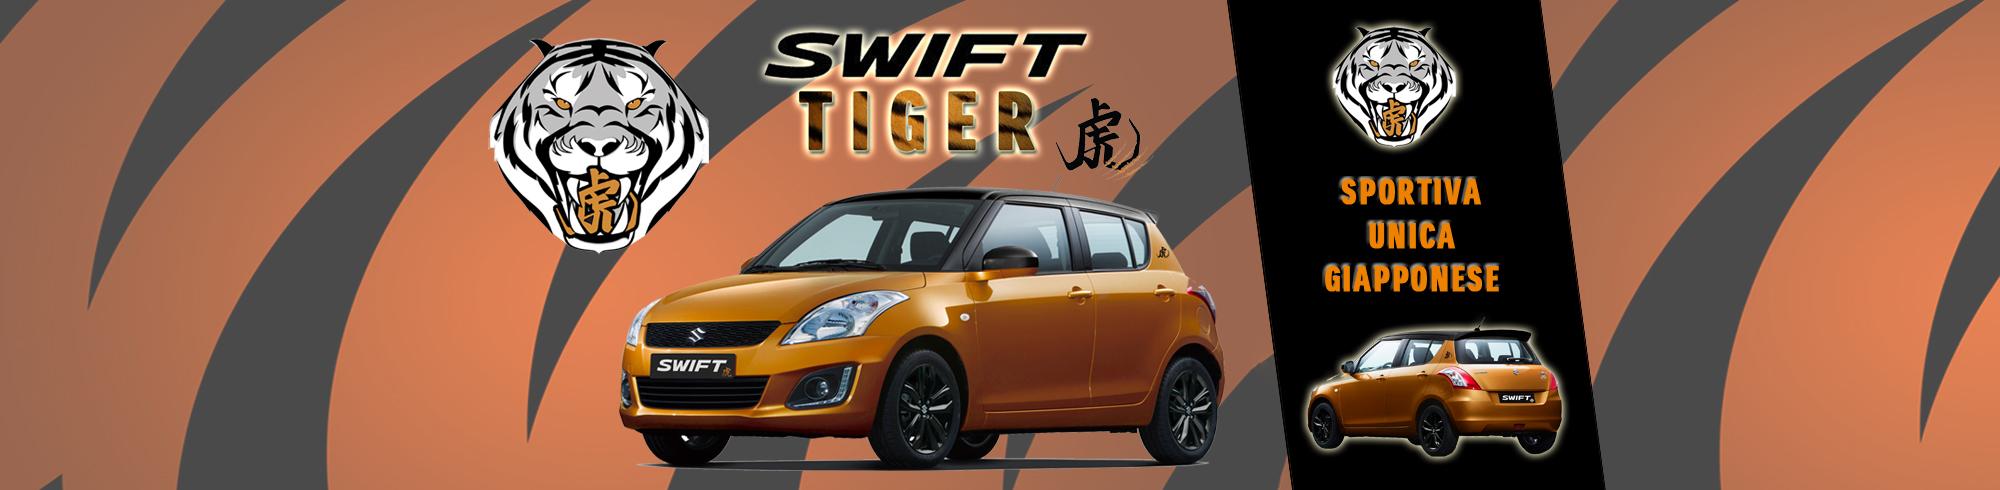 Sivarcar Suzuki Concessionario Reggio Emilia, auto nuove e usate